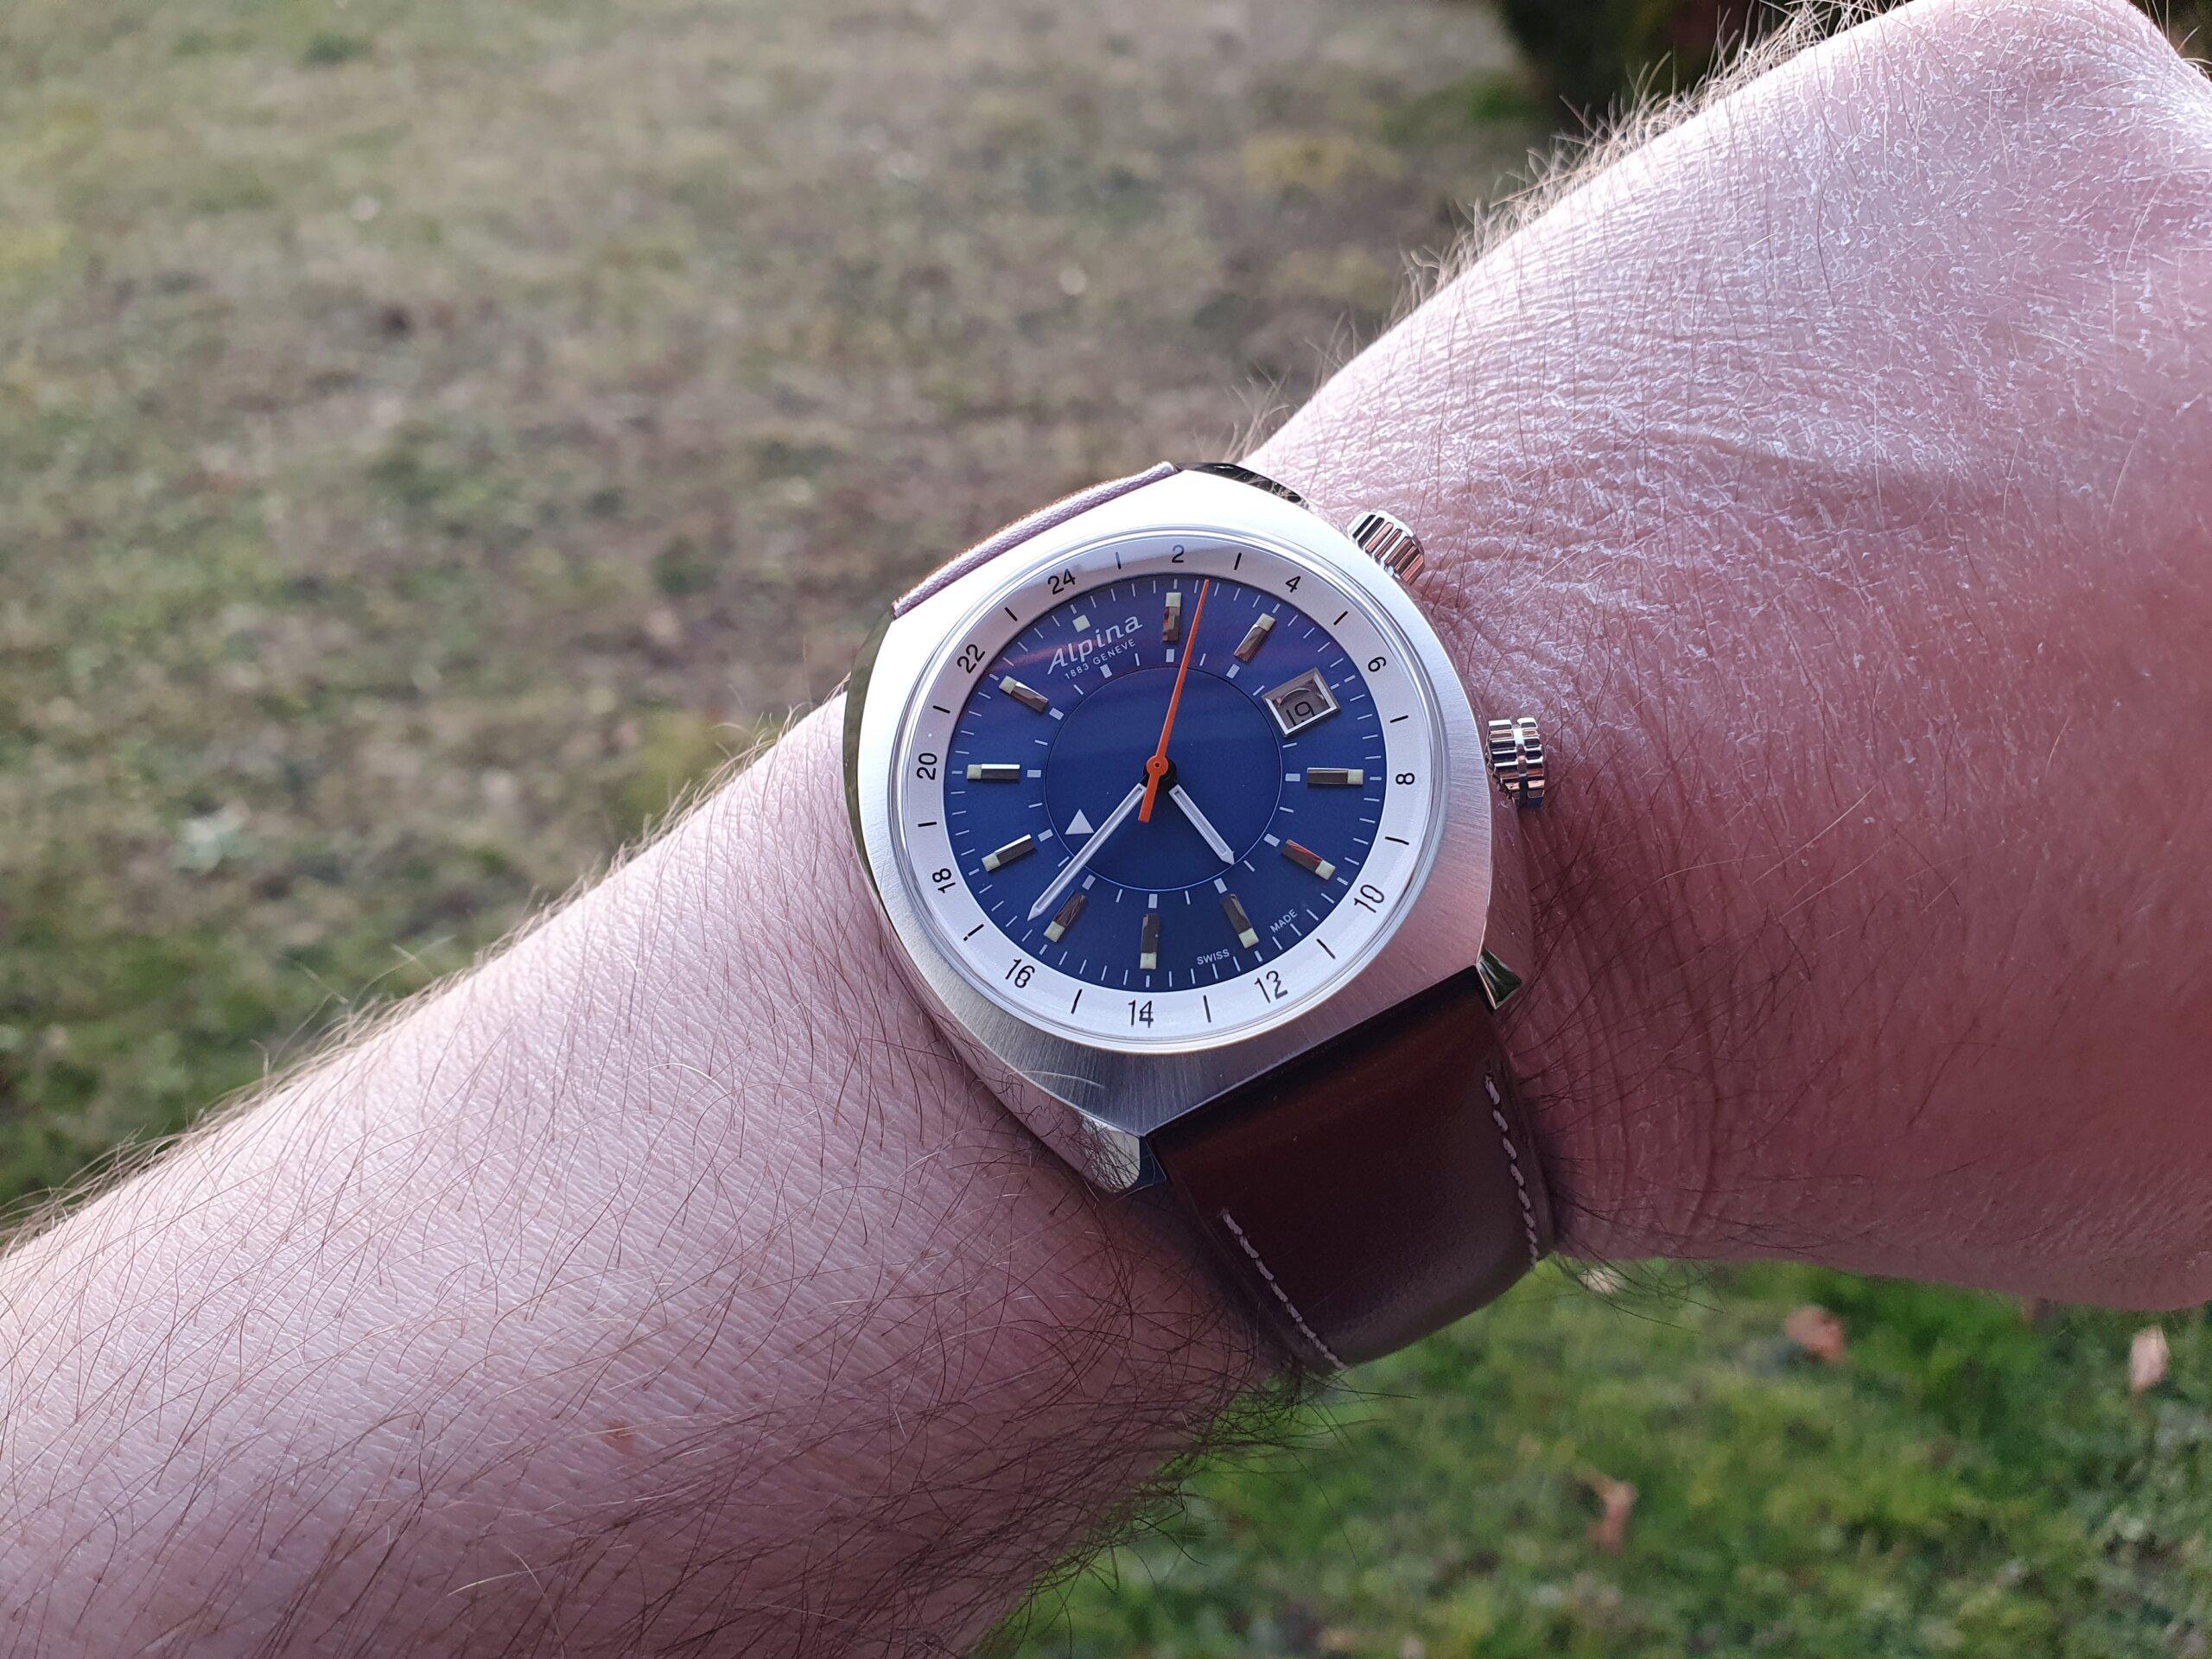 Alpina - Une nouveauté inattendue chez Alpina: Startimer Pilot Heritage GMT 20210246